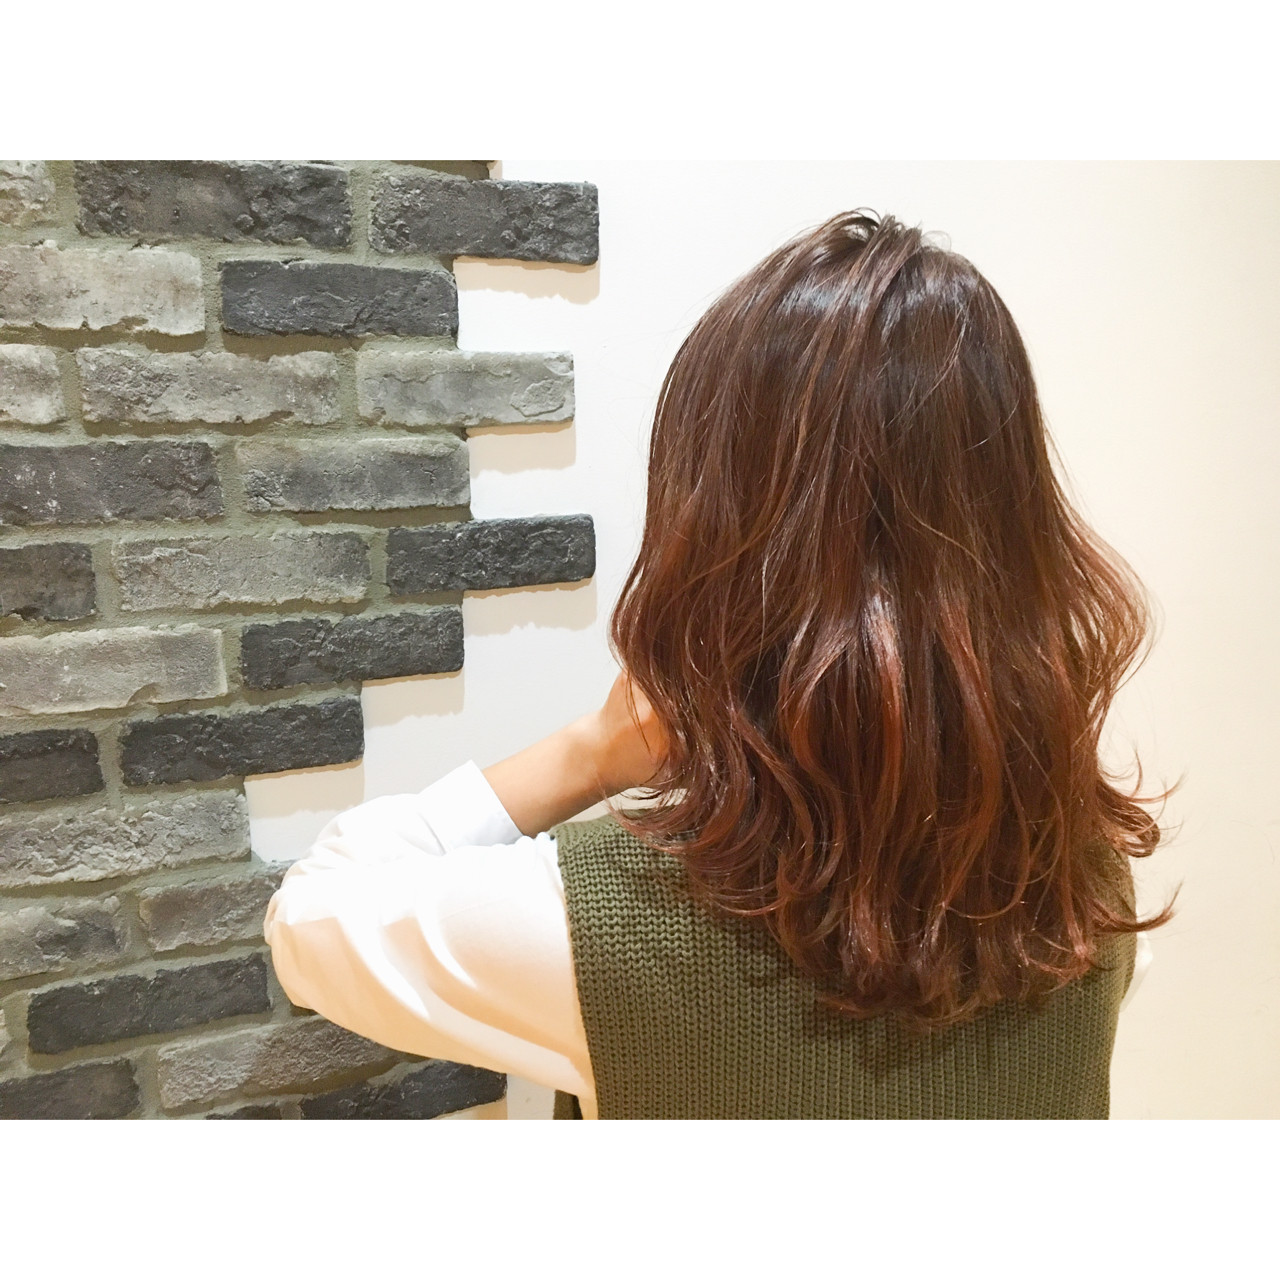 グラデーションカラー セミロング 外国人風 ストリート ヘアスタイルや髪型の写真・画像